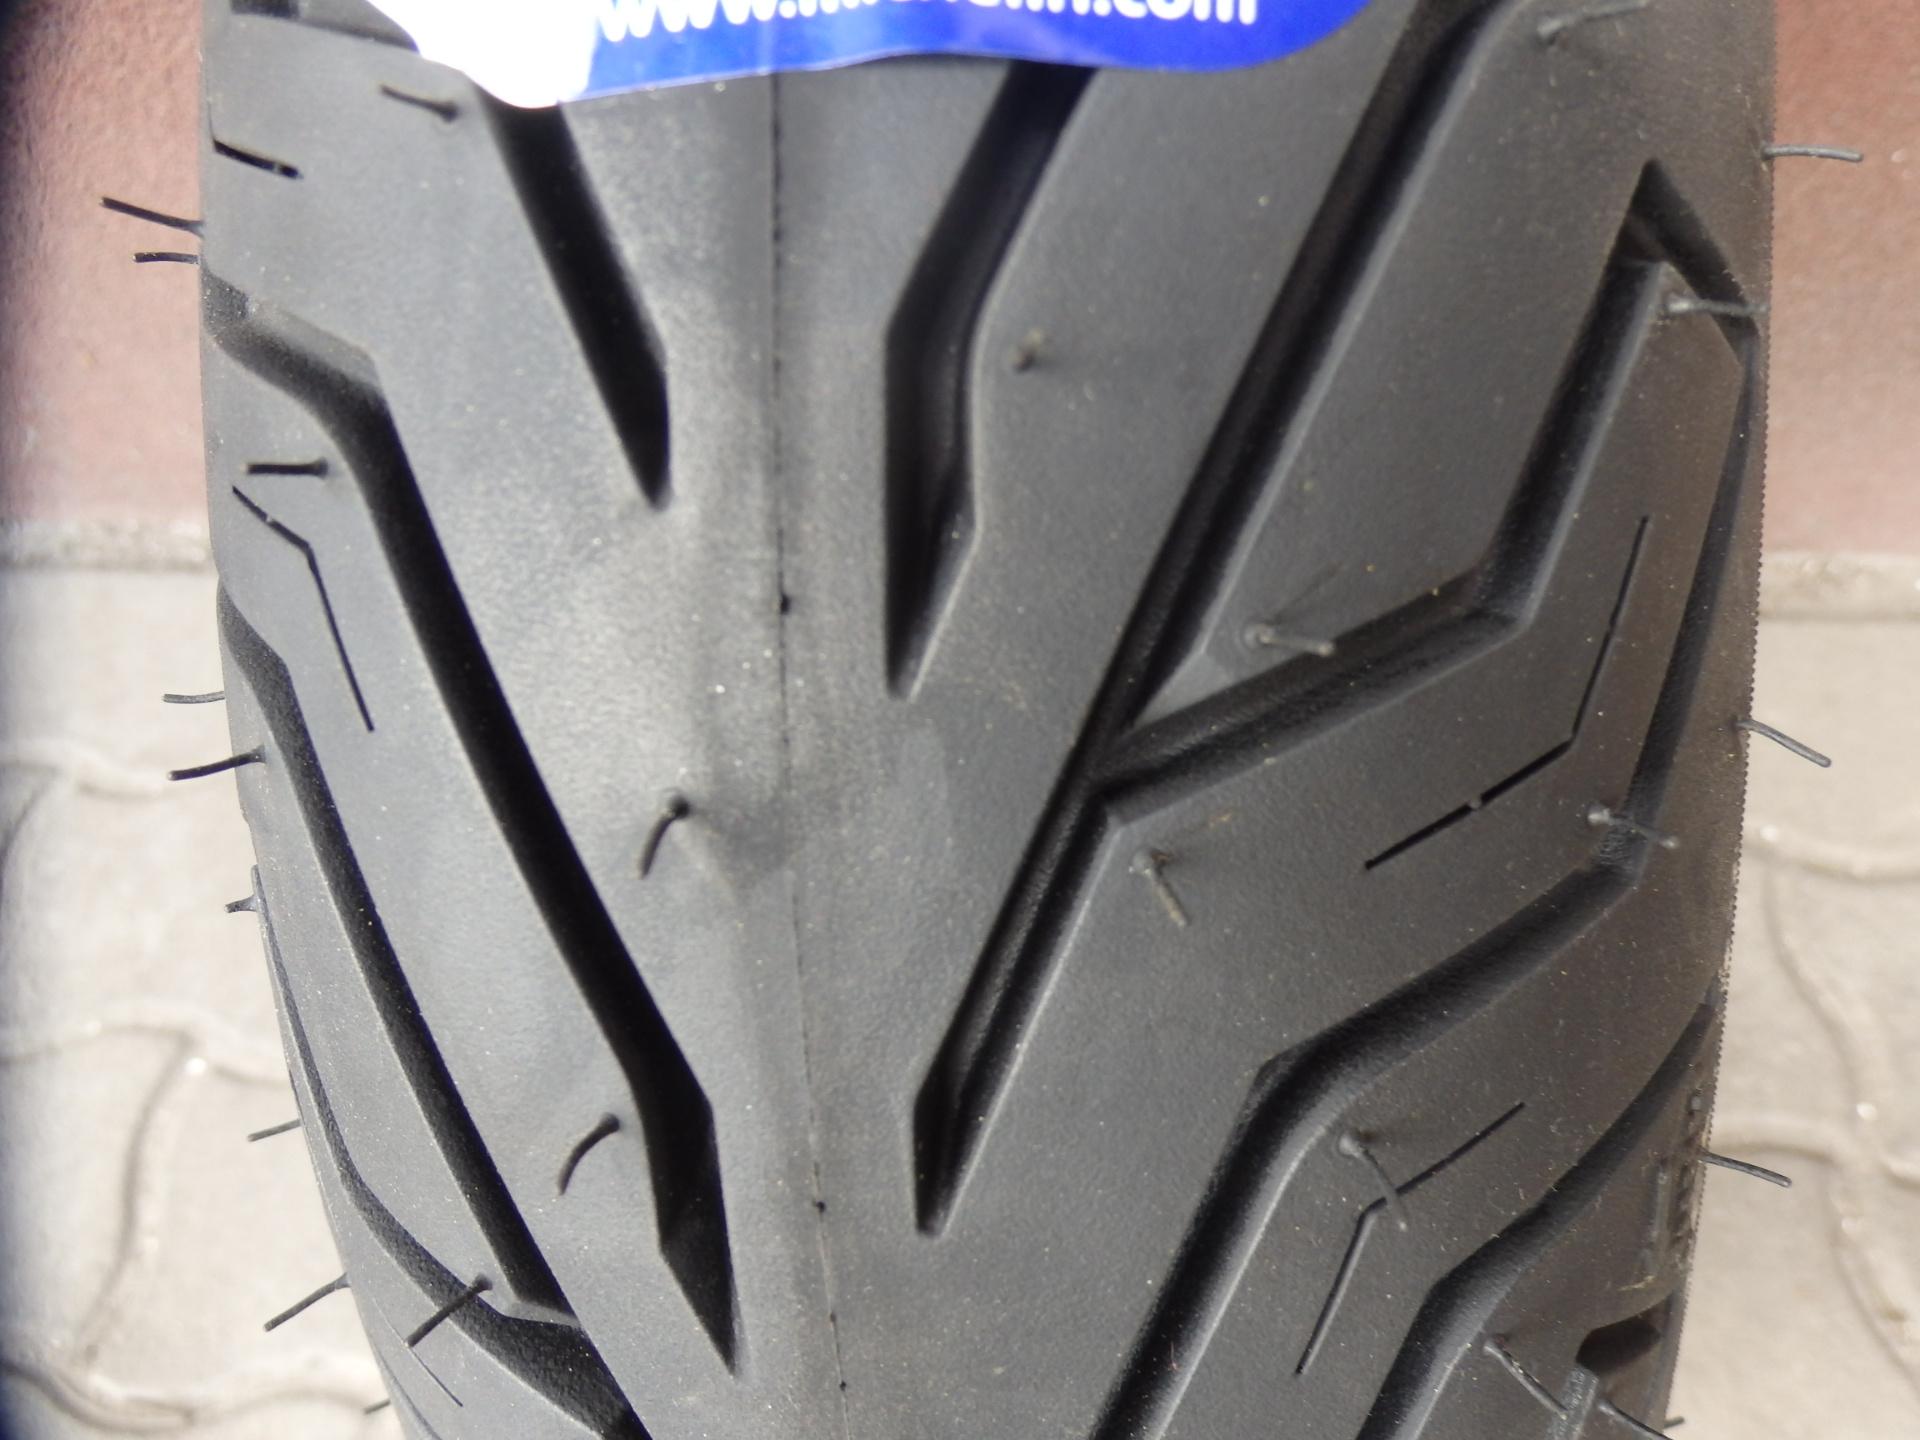 SUZUKI BURGMAN Gumi kŐpeny elsŐ 110/90-13 Burgman 250-400  Michelin gyártmány - 20600 Ft